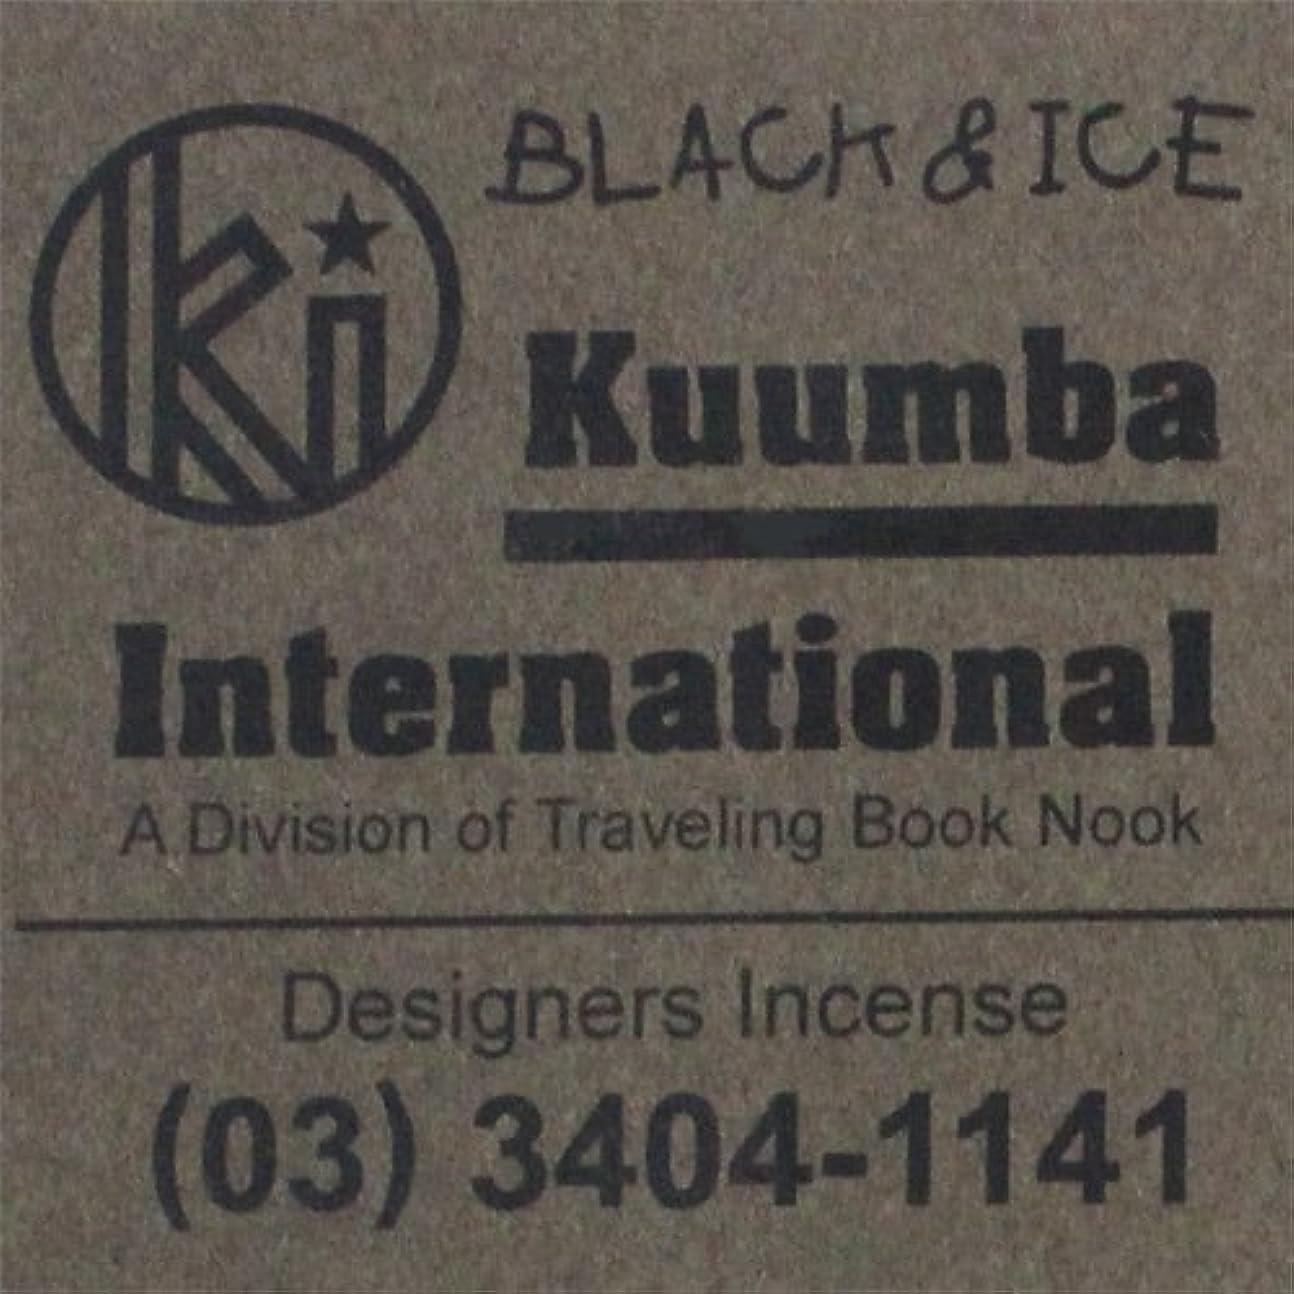 絶壁可動スラッシュKUUMBA / クンバ『incense』(BLACK&ICE) (Regular size)